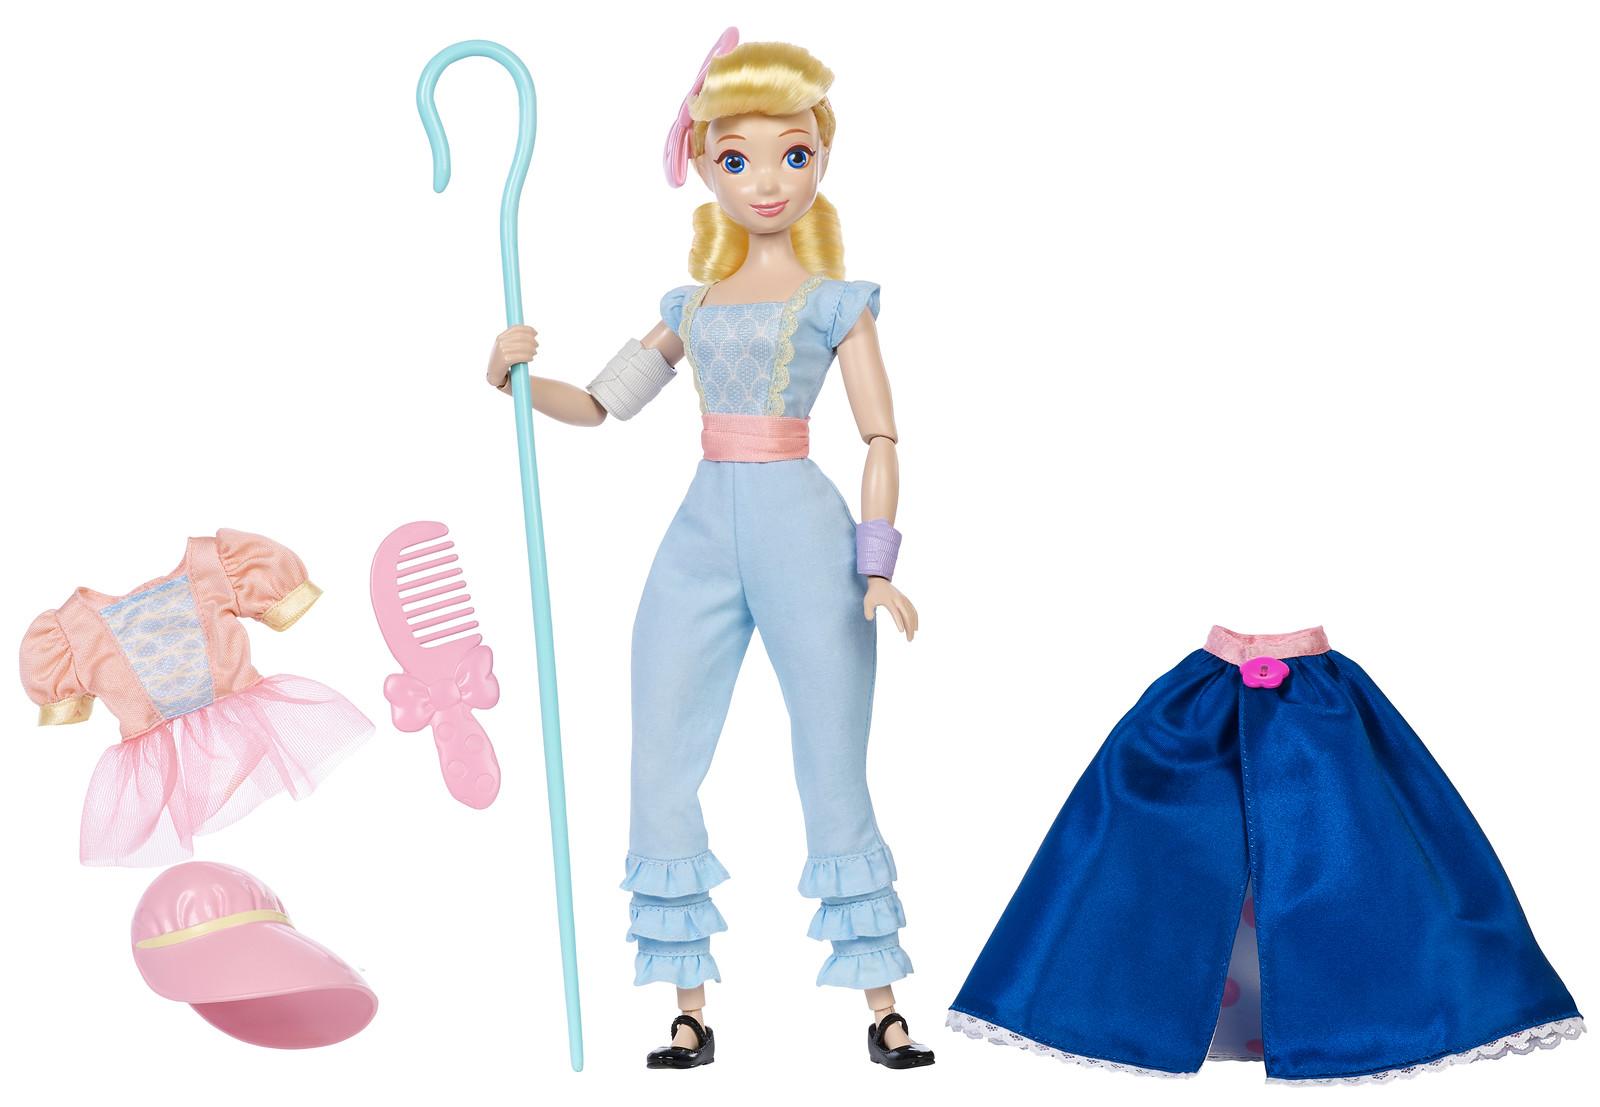 New Toy Story 4 Toys Revealed Diskingdom Com Disney Marvel